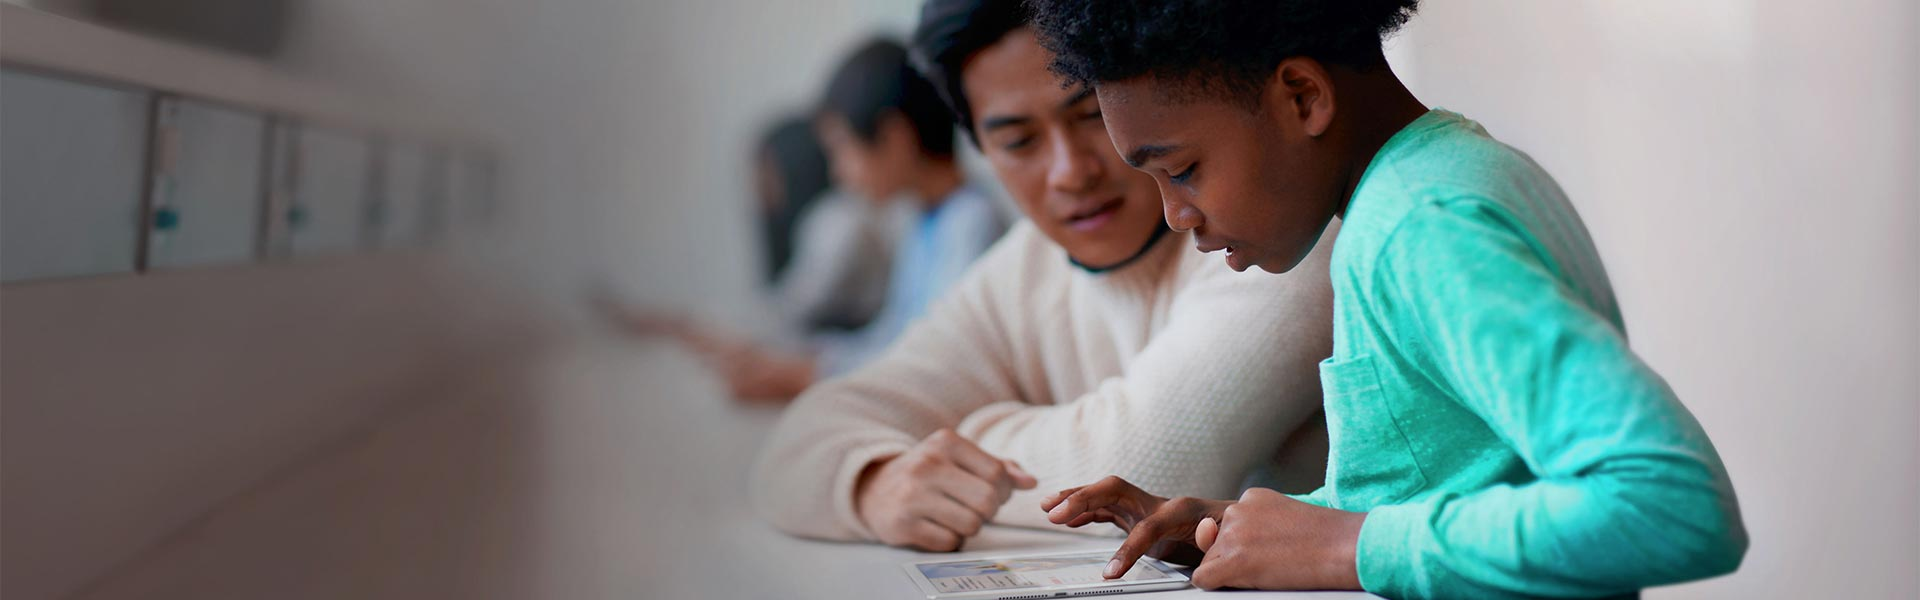 QGENIUS 青少年编程俱乐部 – 环球培训,苹果授权培训中心